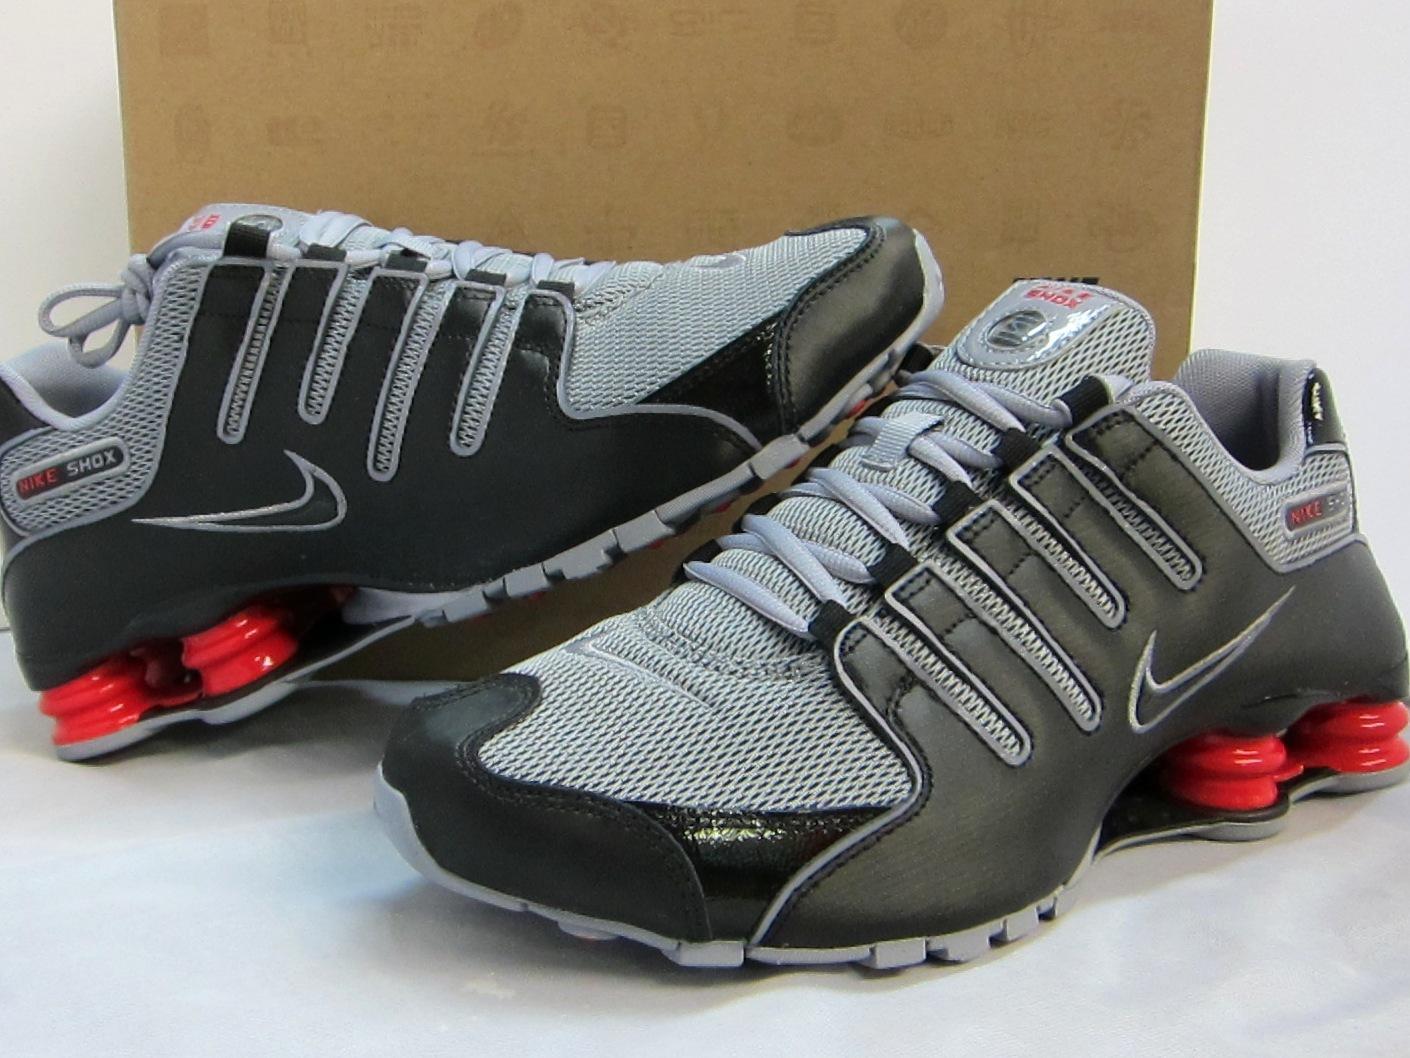 d4a88acd8d6feb Nike Air Shox Nz - Praesta